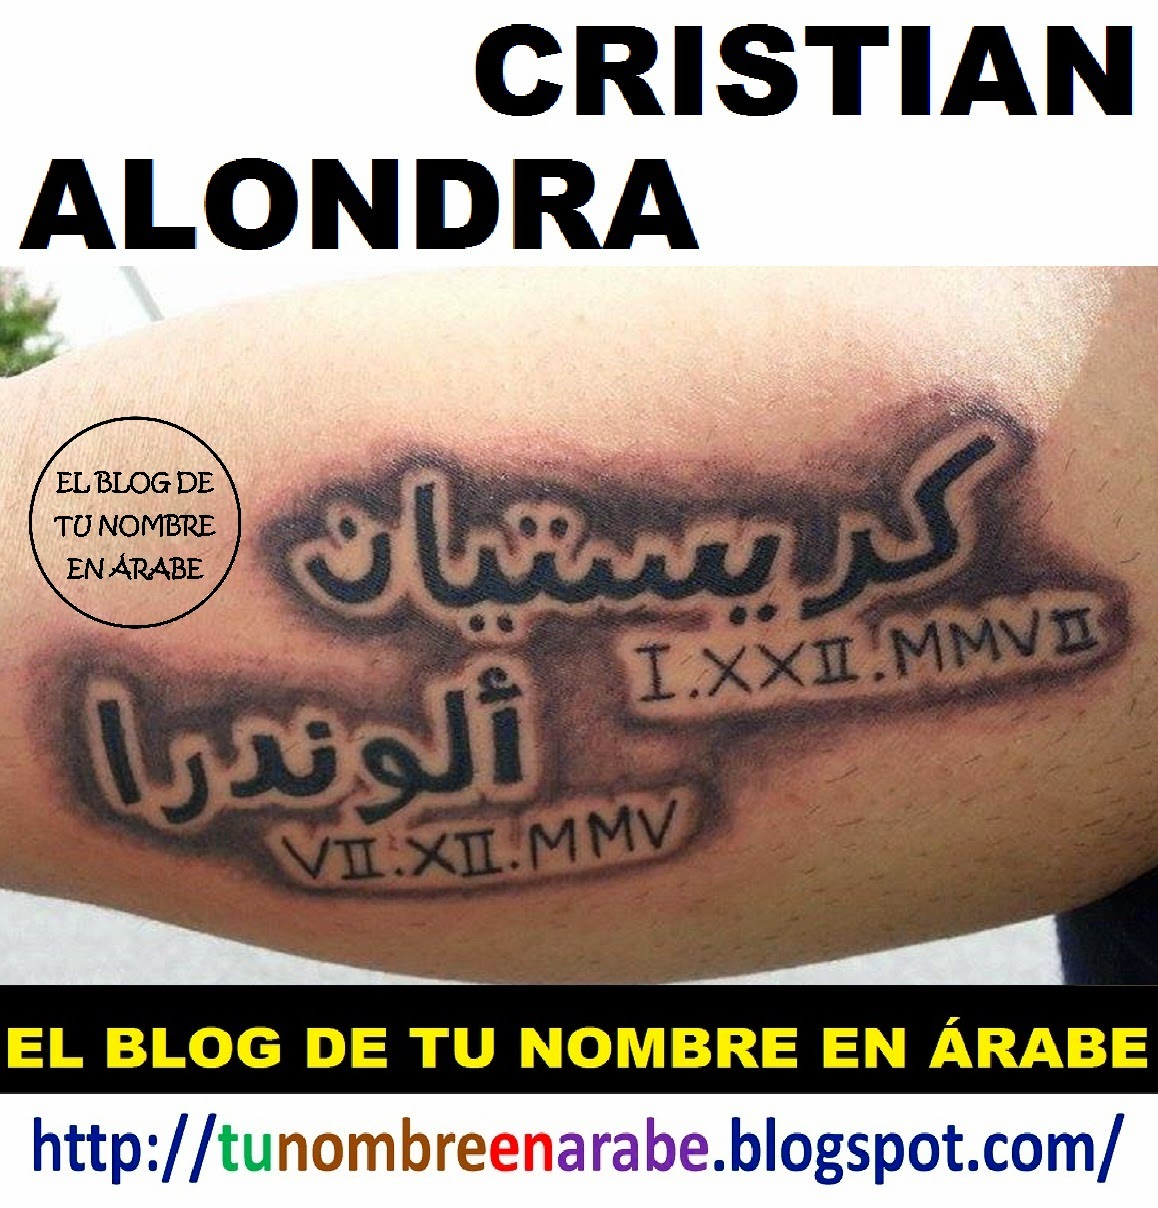 tatuajes de nombres CRISTIAN ALONDRA